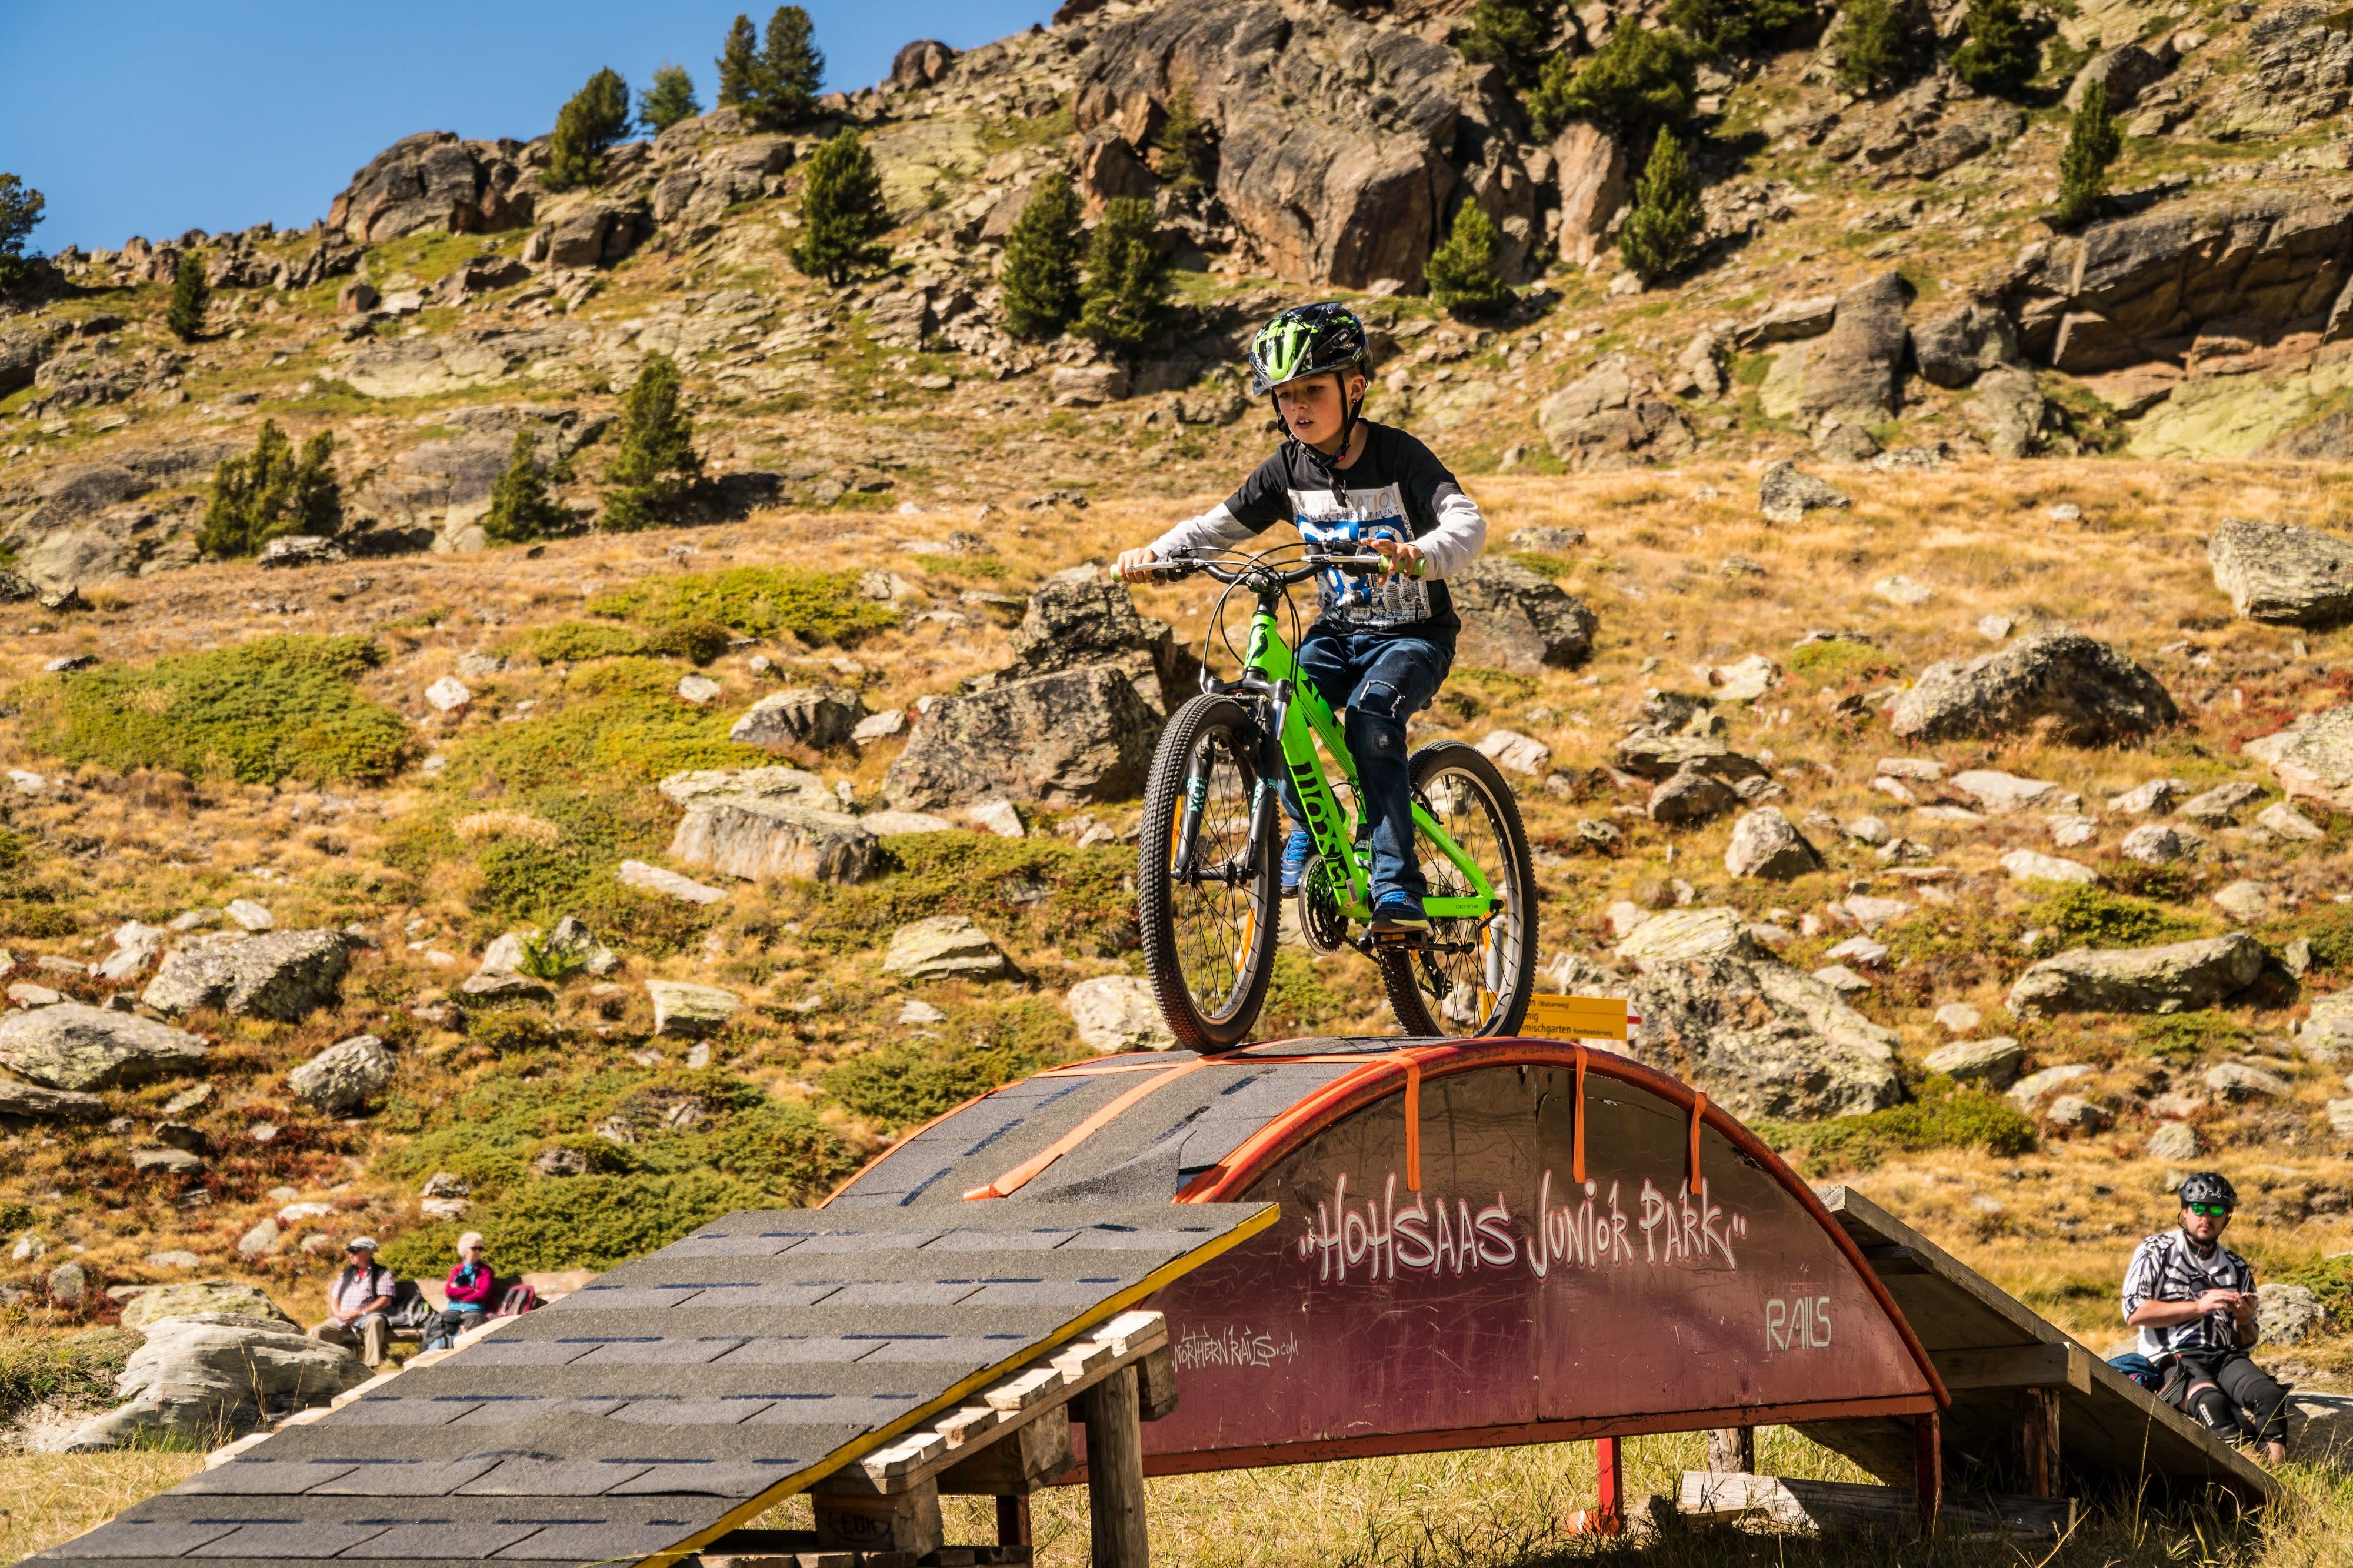 Bike Skill-Park Kreuzboden